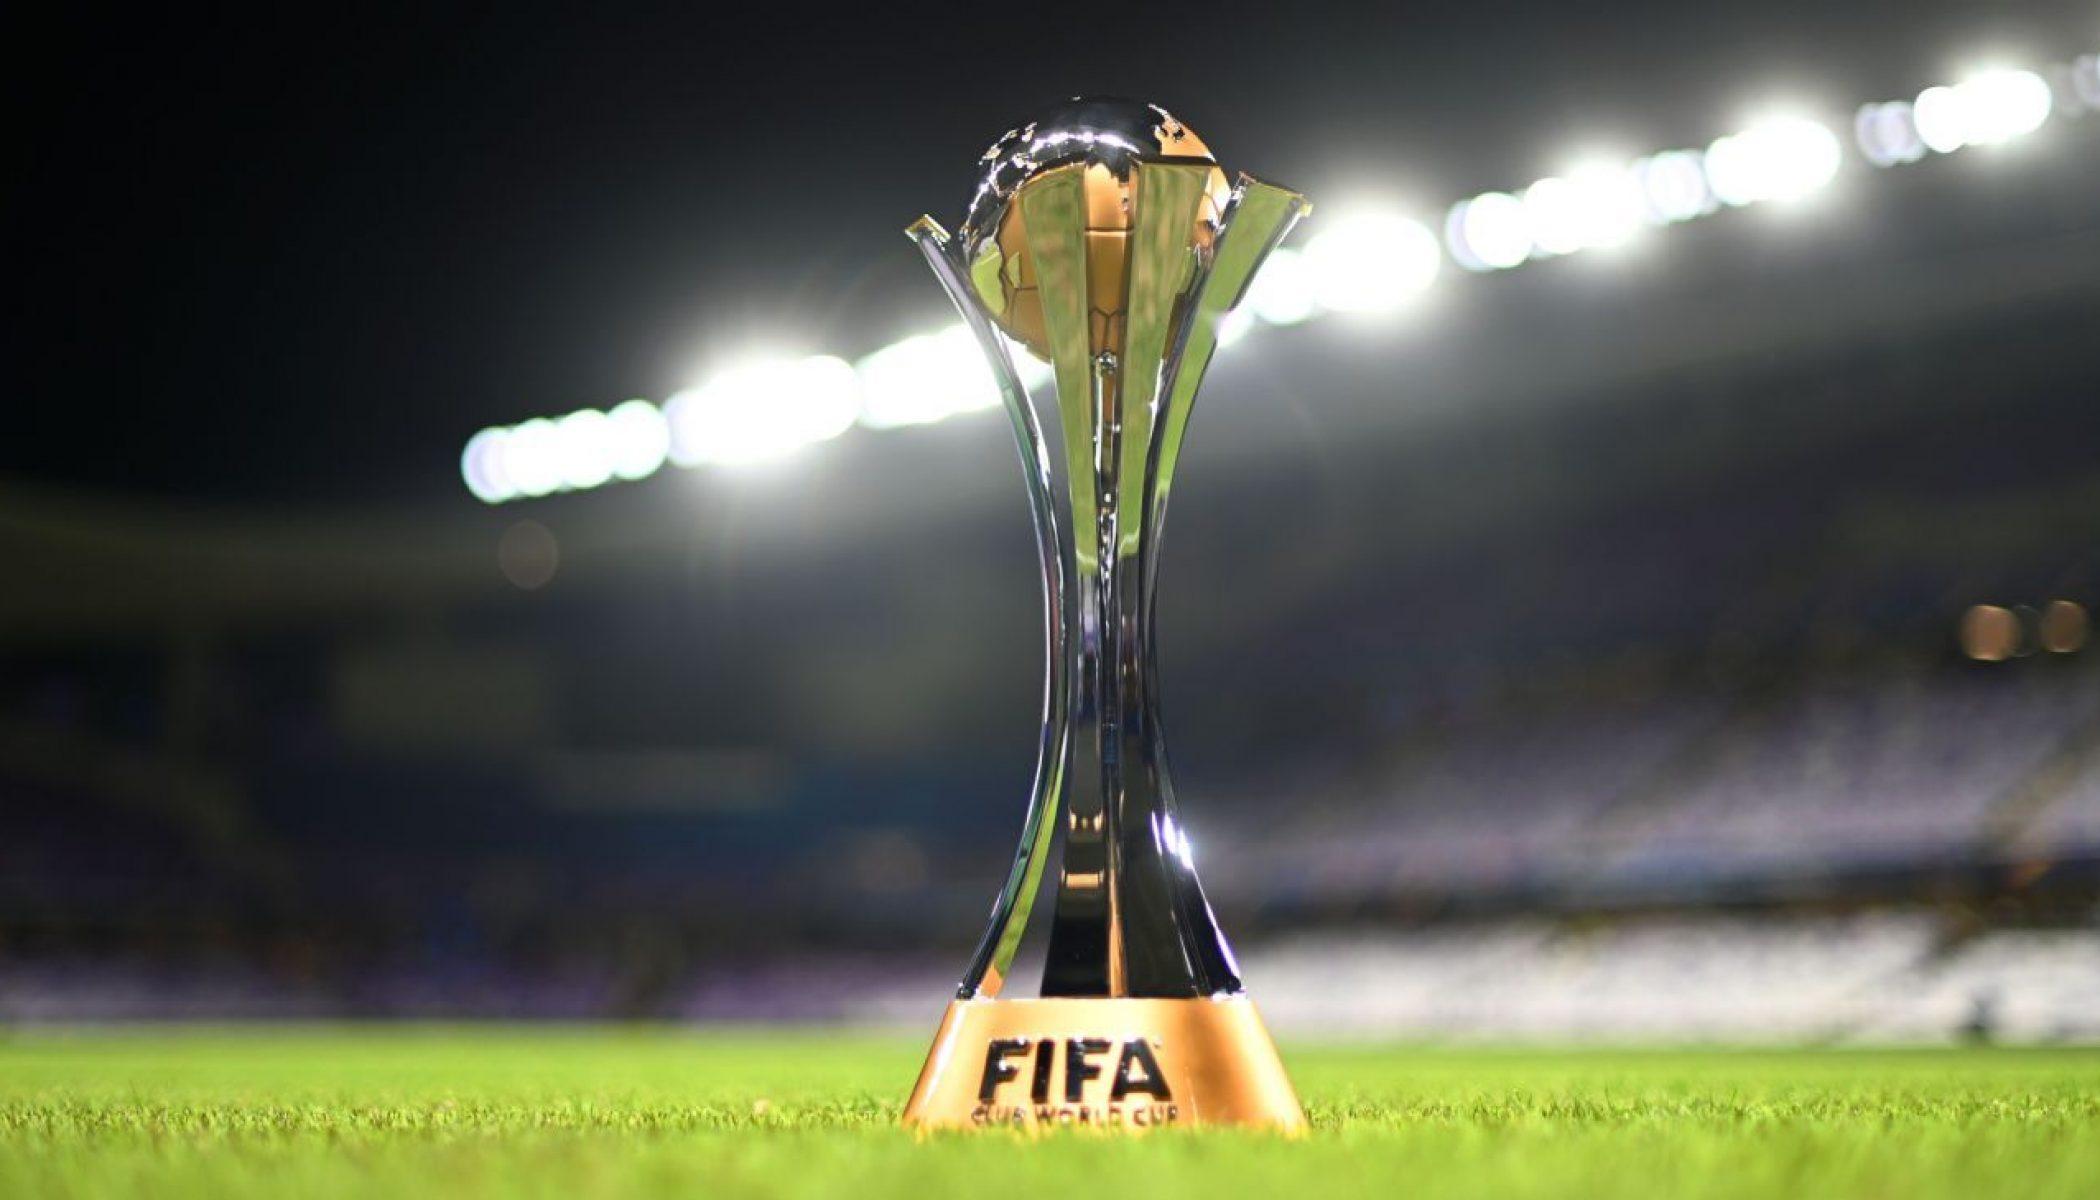 कतर फीफा विश्व कप के क्वालीफायर मैच स्थगित (प्रतीकात्मक फोटो)